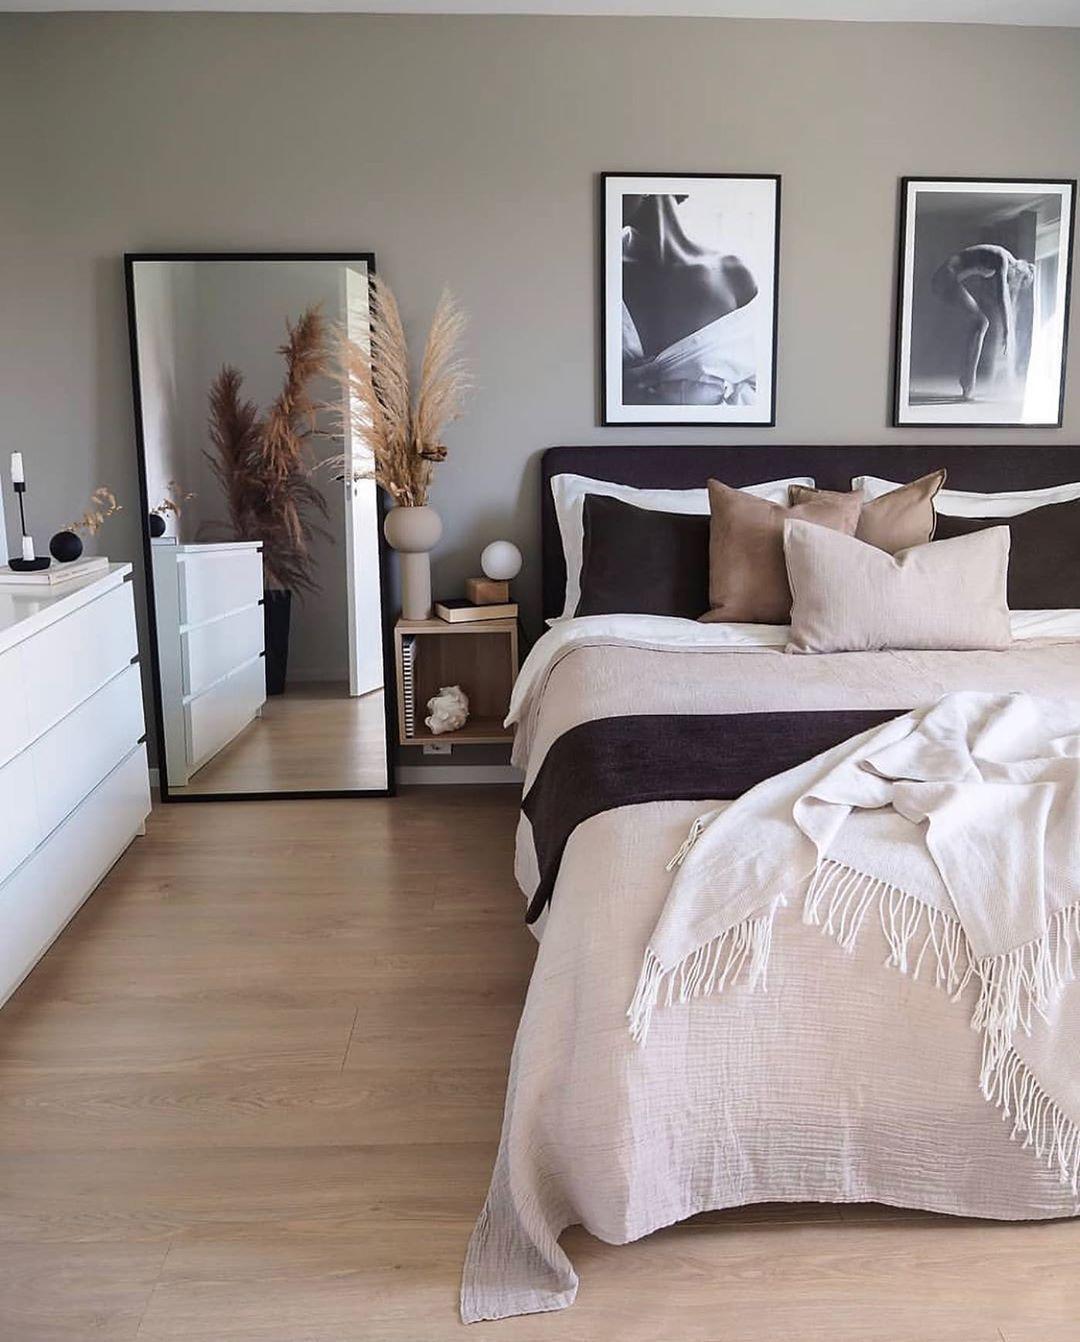 Photo of #interior #interiordesign #design #decor #homedecor,  #Decor #design #homedecor #Interior #In…